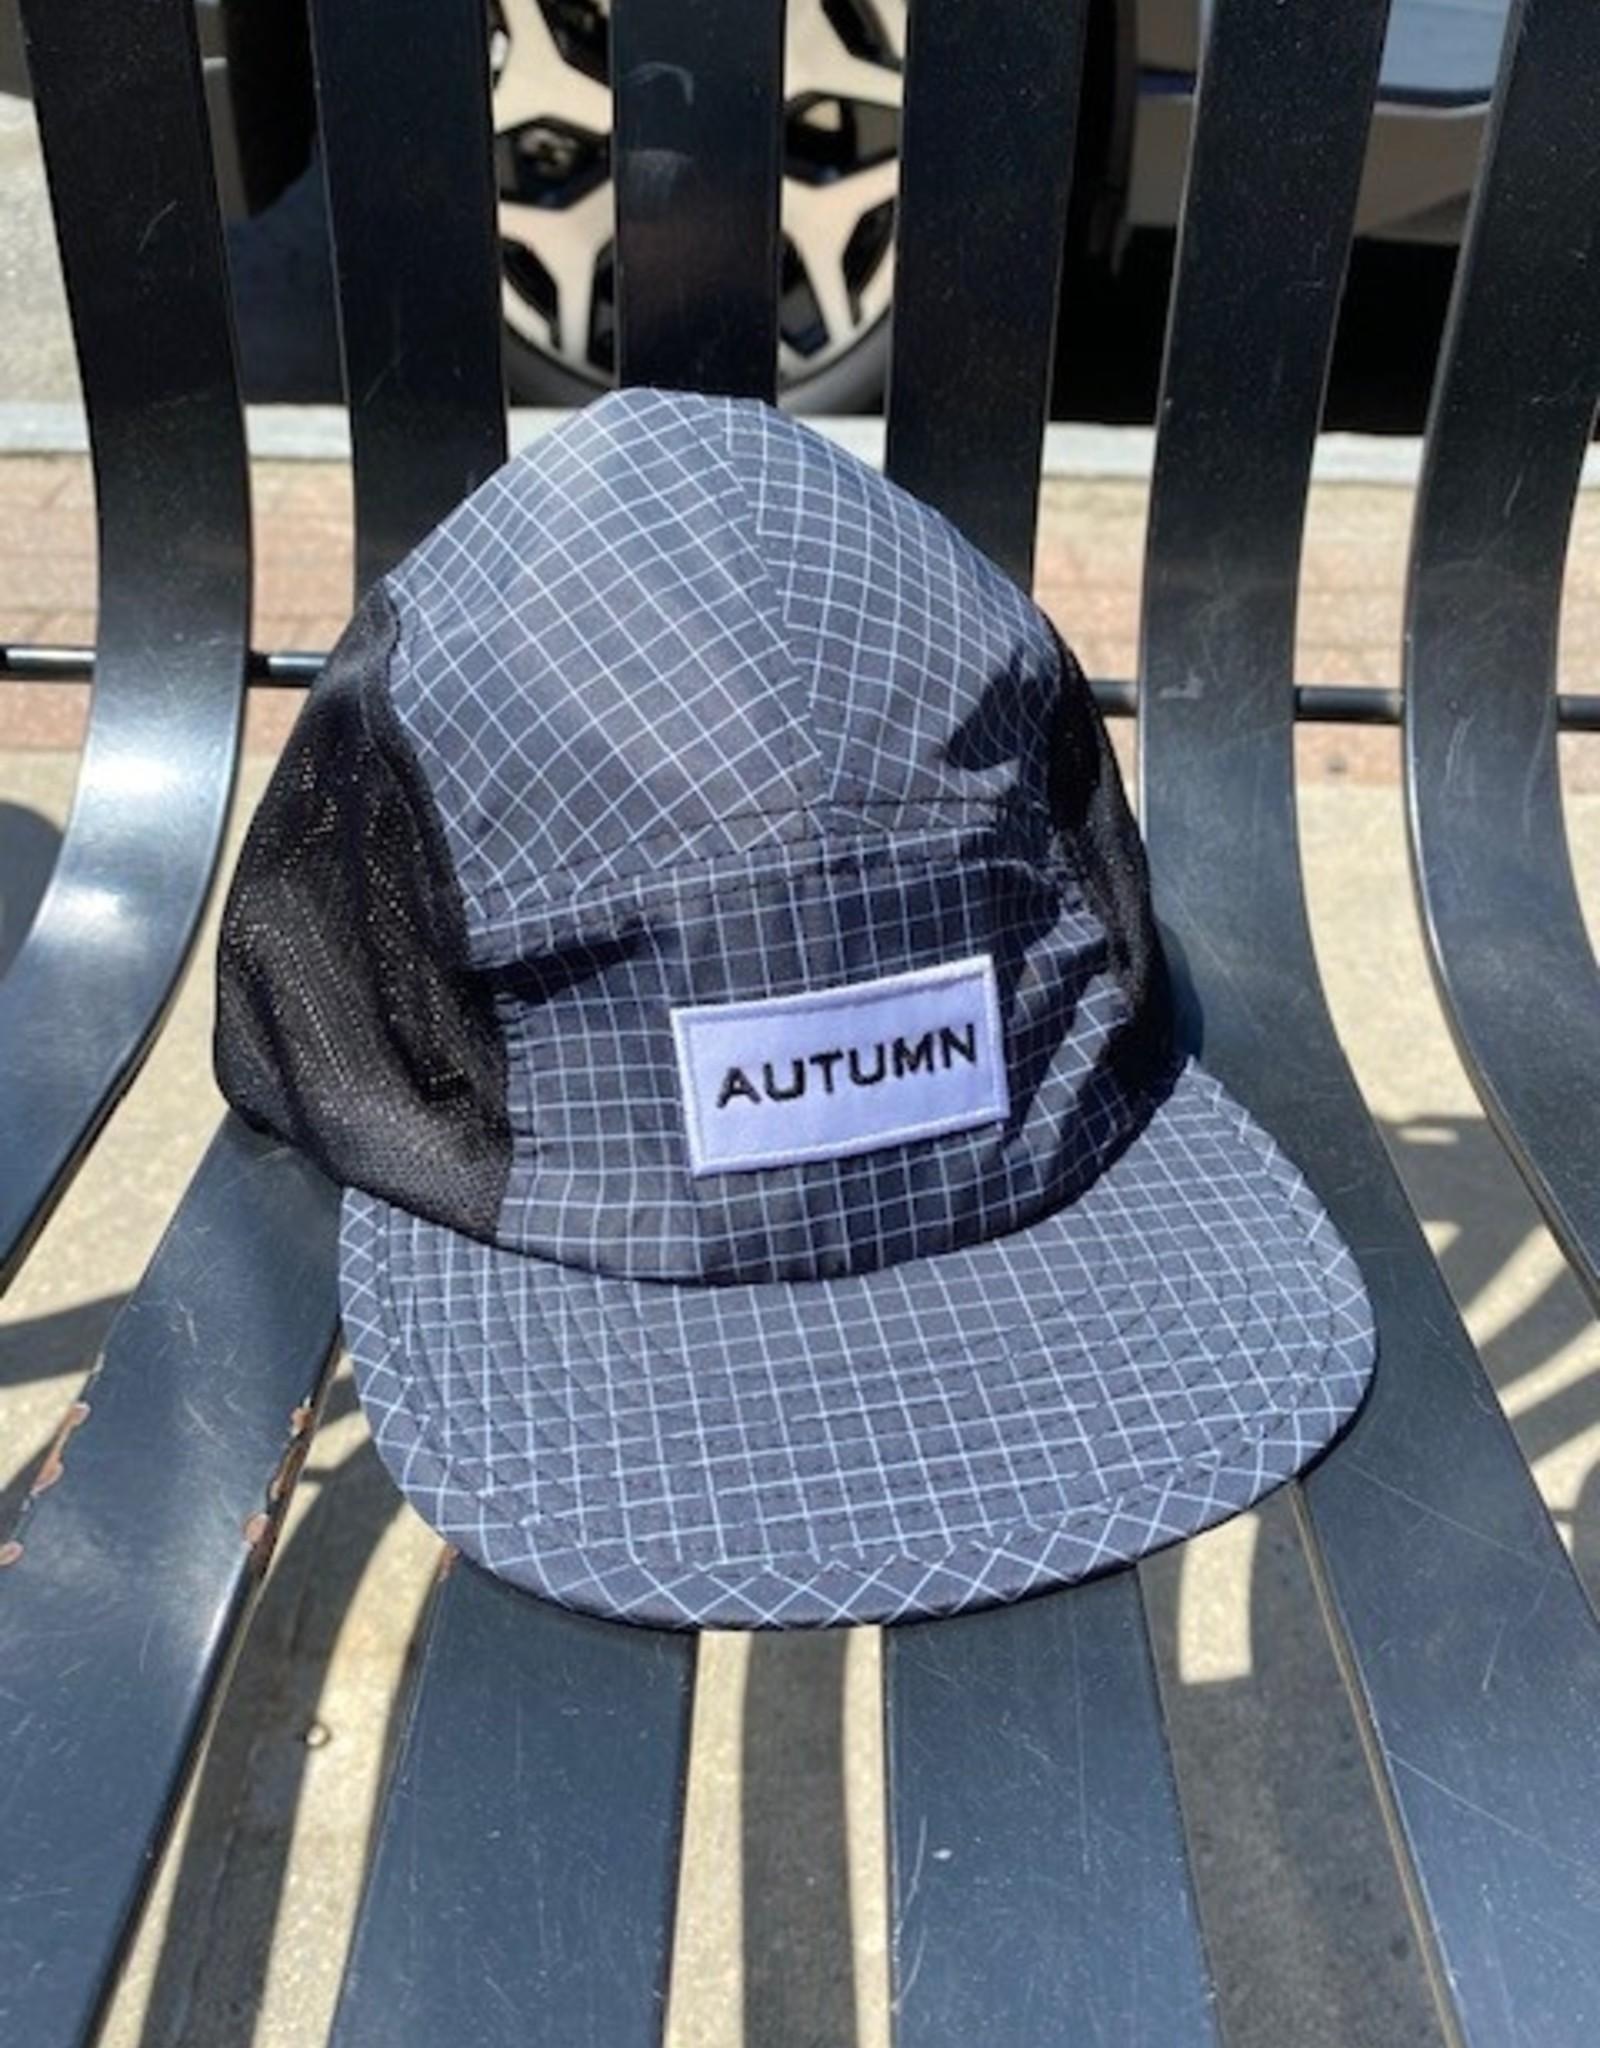 AUTUMN AUTUMN CAMP CAP BLACK